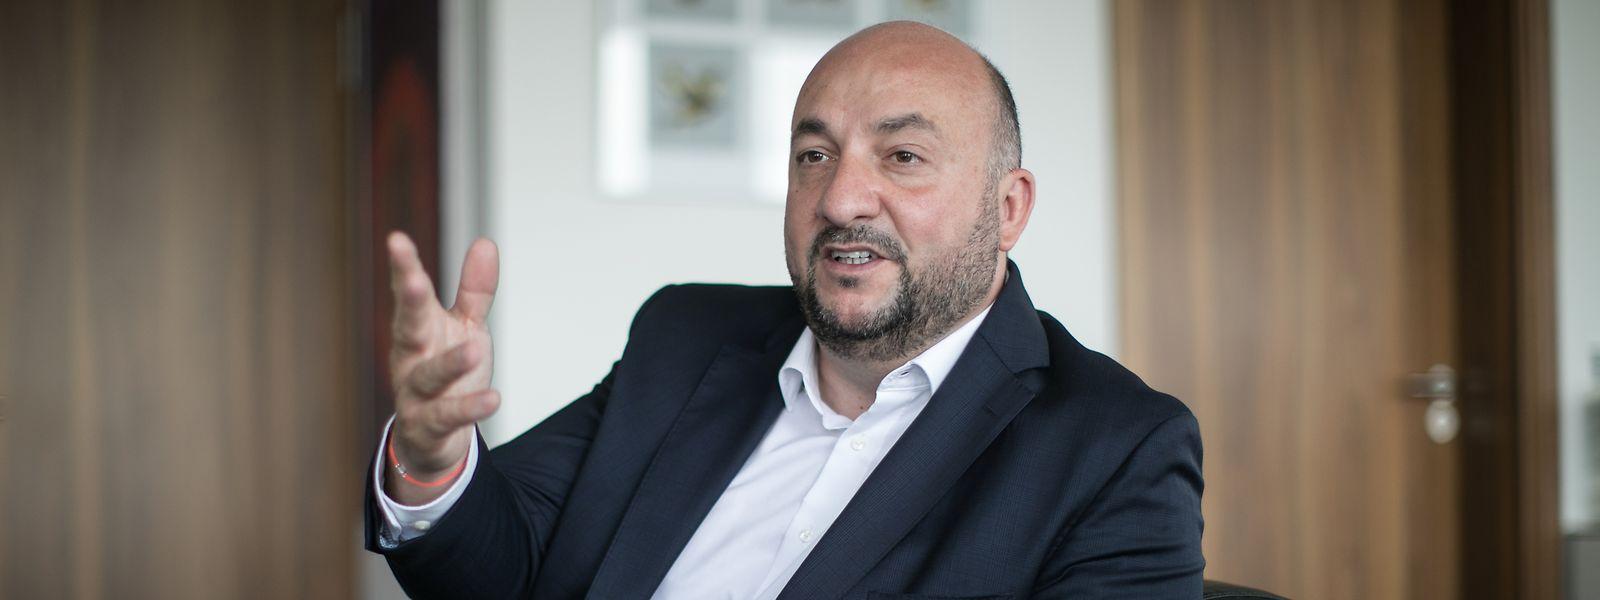 Etienne Schneider zieht es nach fast acht Jahren in der Regierung in die Privatwirtschaft.